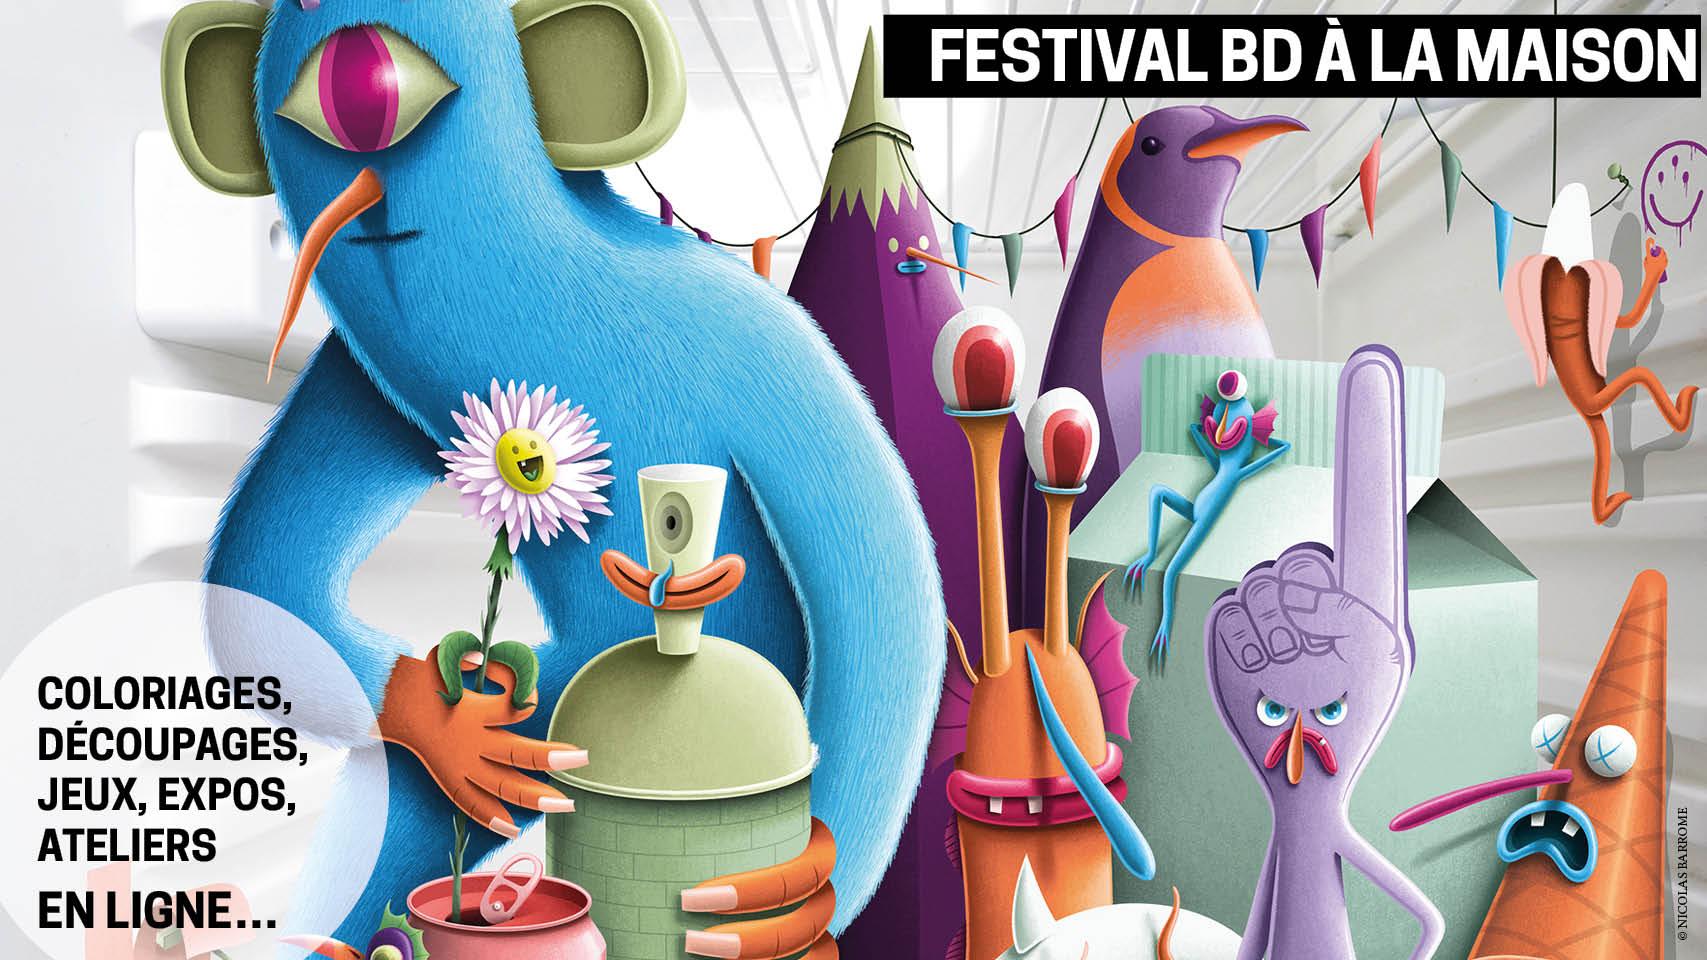 visuel festival maison 2020 site bd